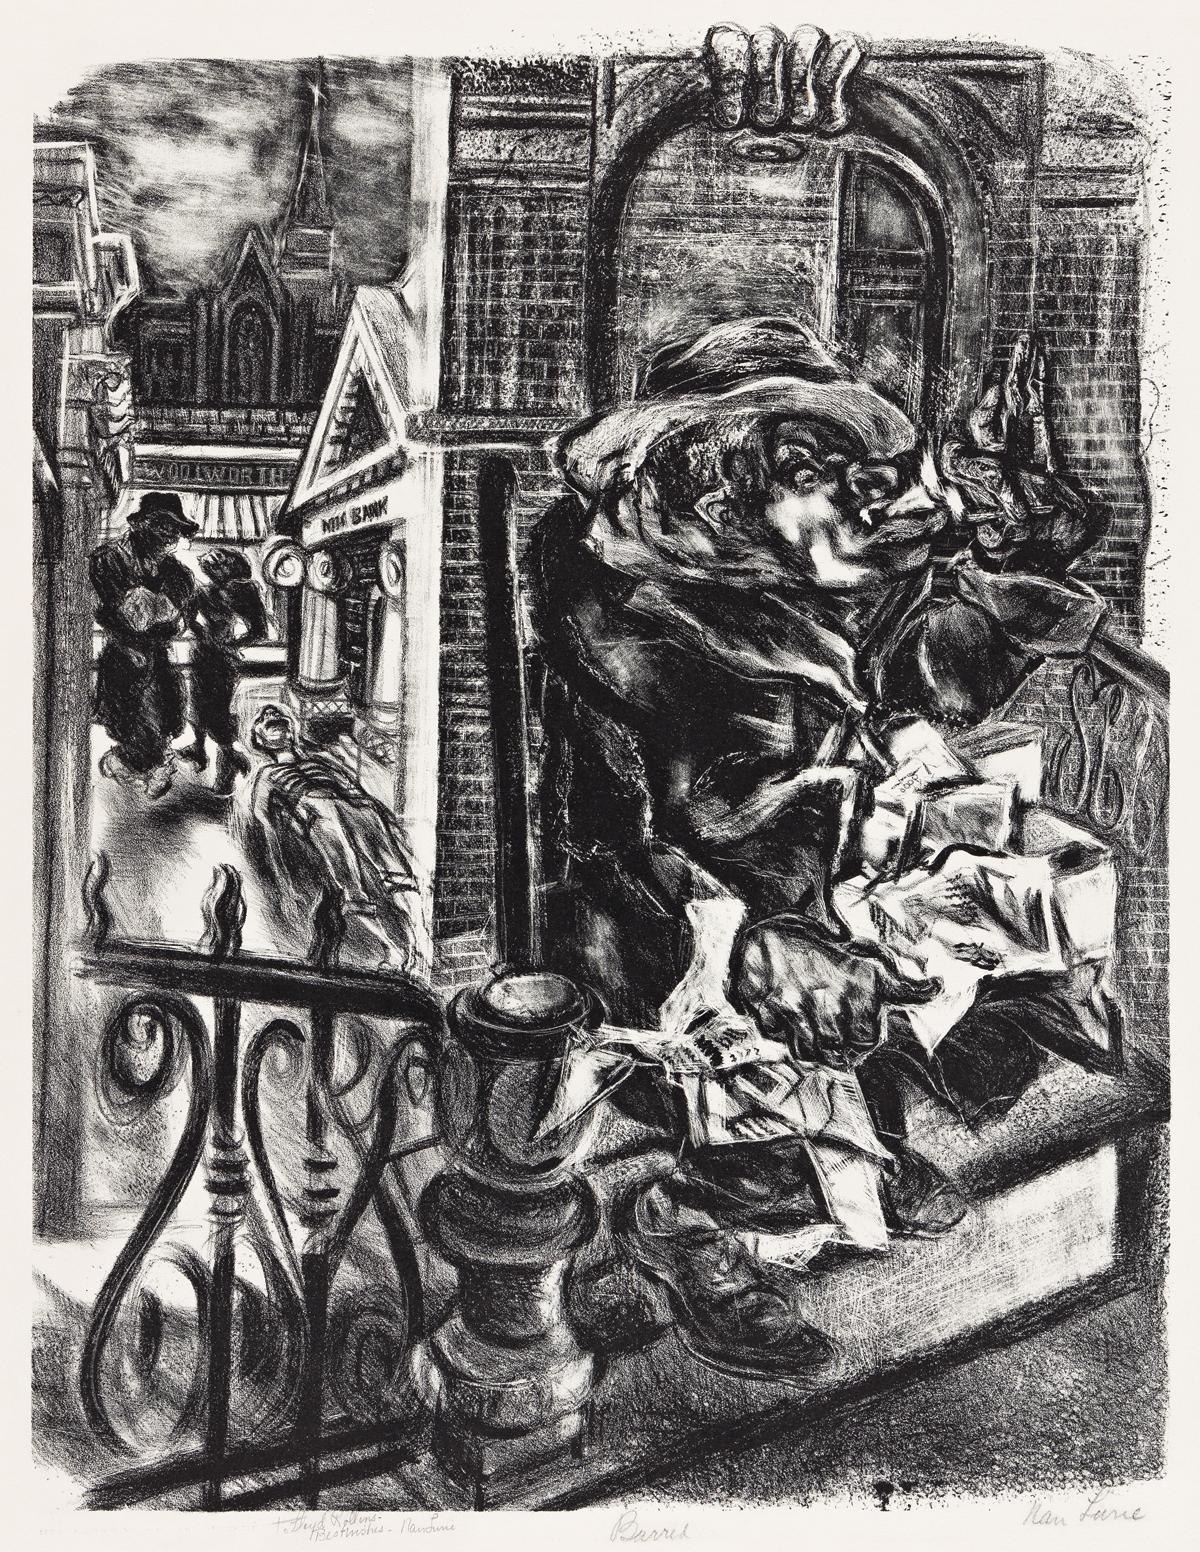 NAN LURIE (1910-1985) Barred.